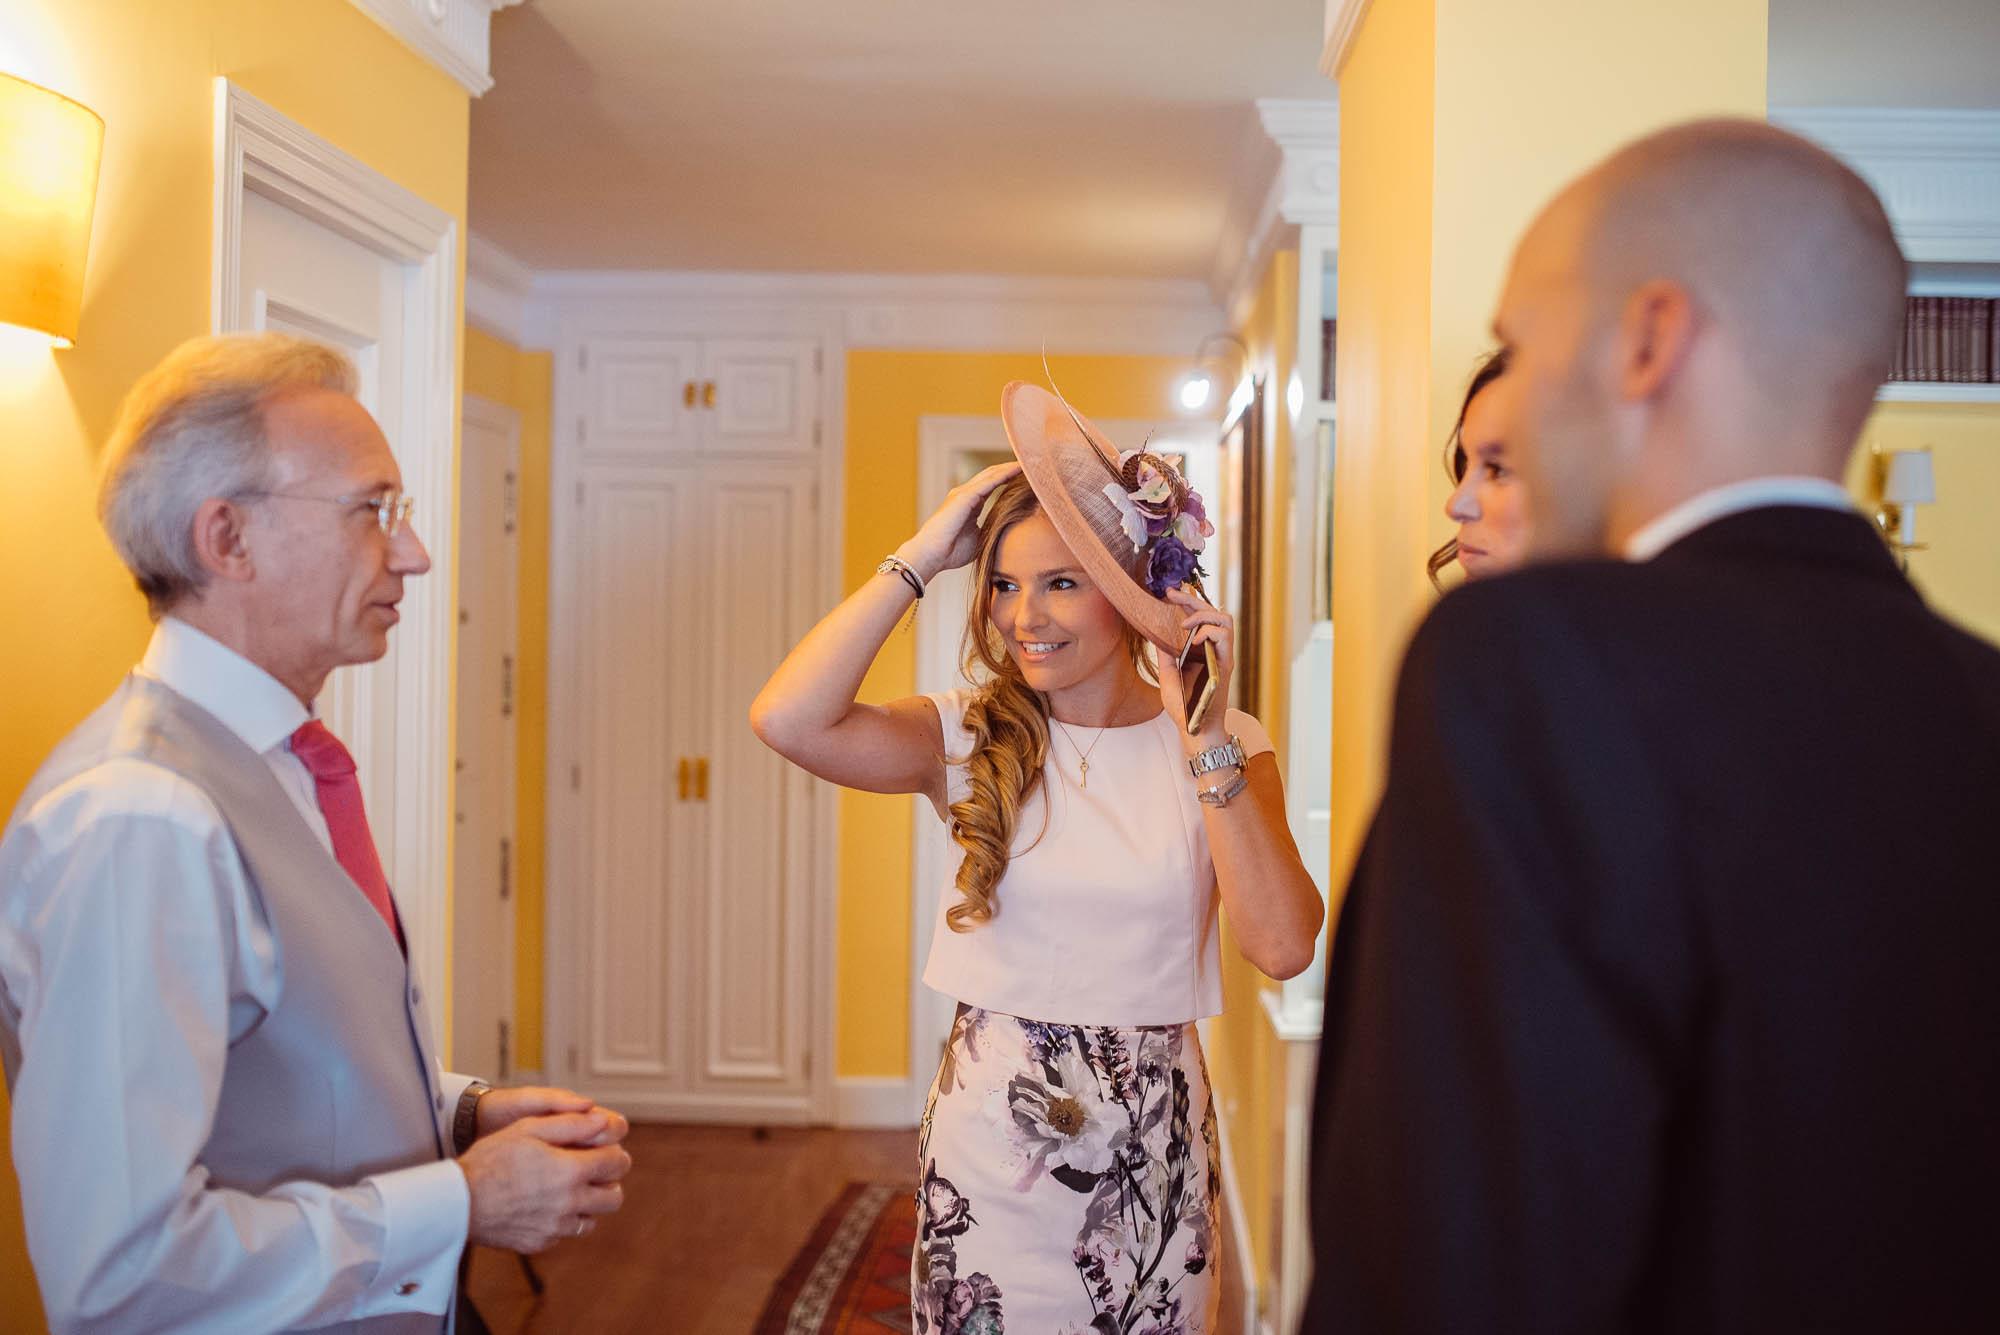 La hermana del novio saluda a los familiares